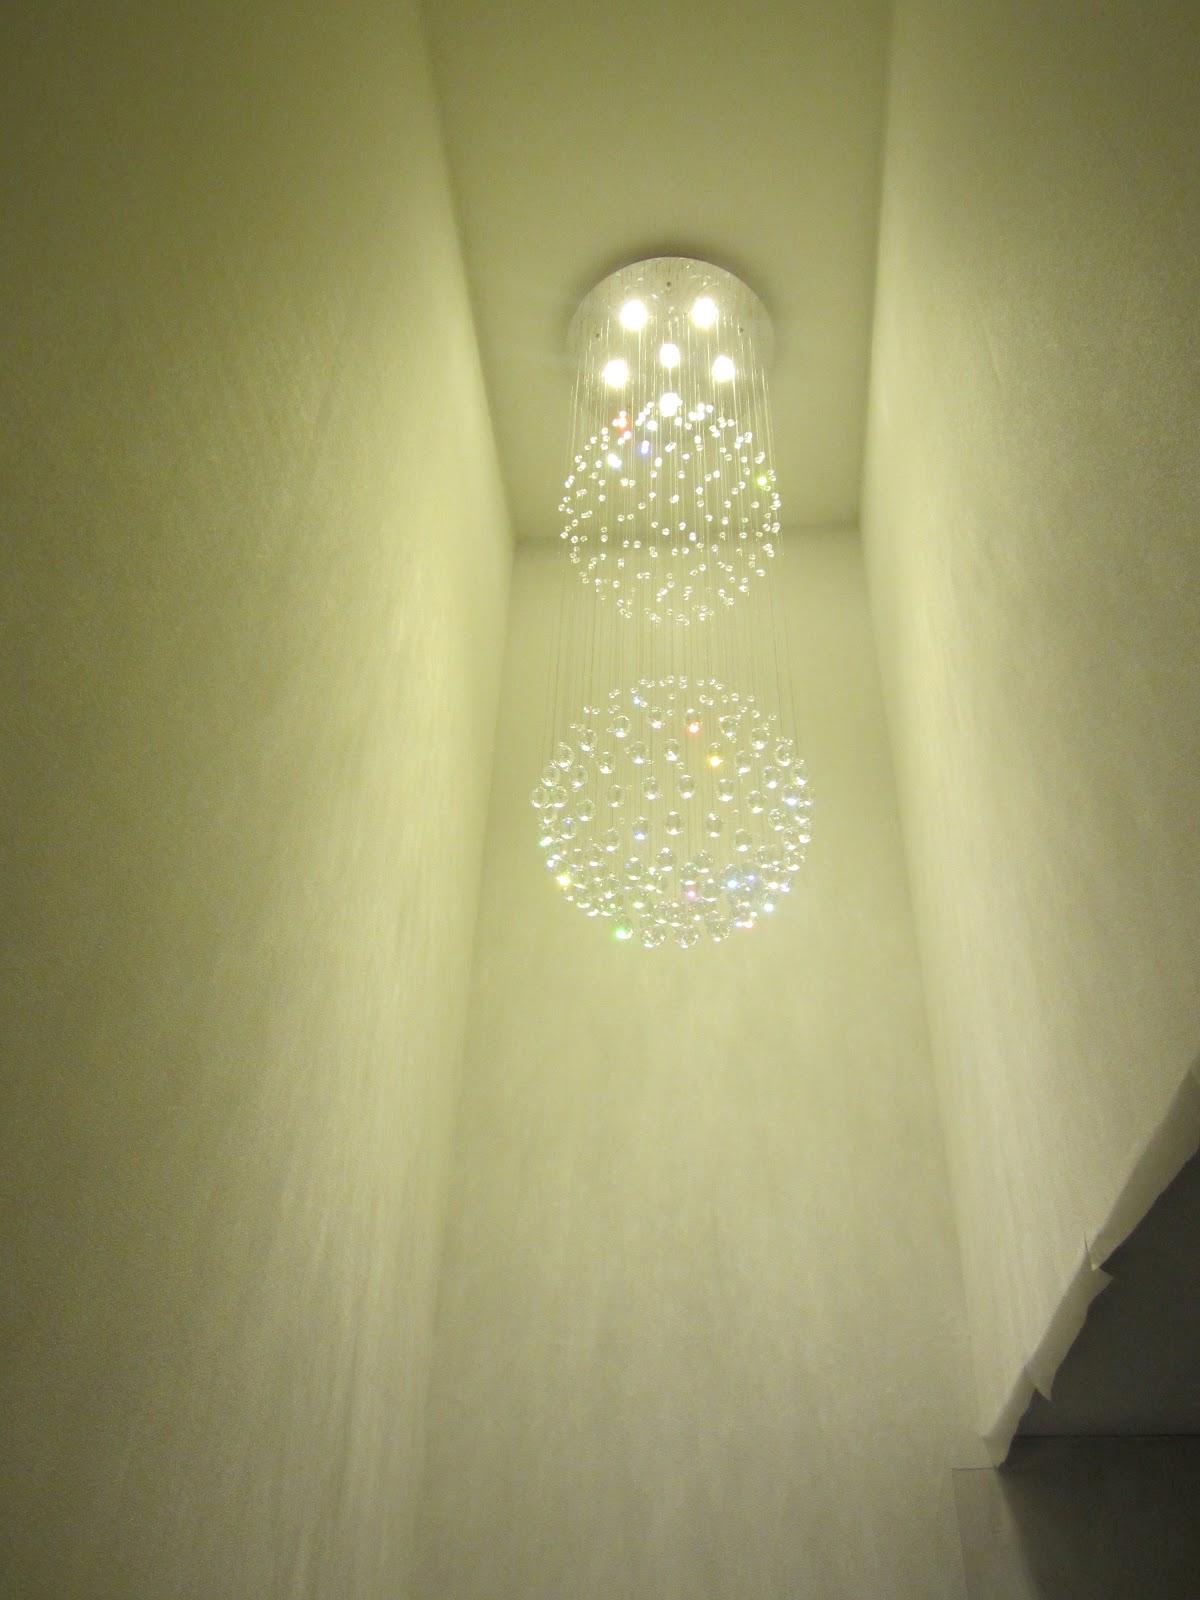 unser hausbau treppenaufgang tapezierarbeiten lampe anbringen in eigenleistung. Black Bedroom Furniture Sets. Home Design Ideas